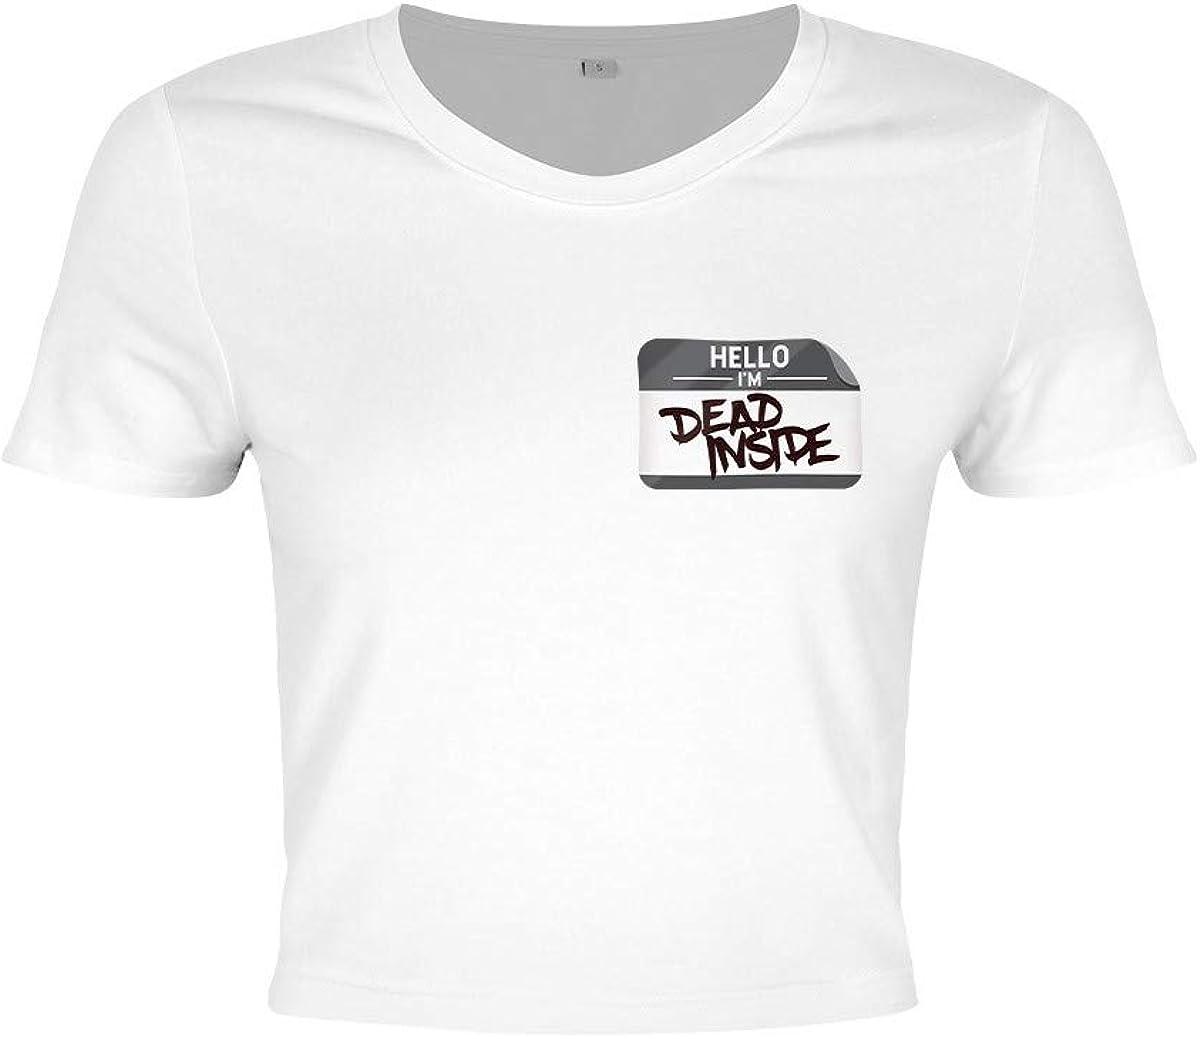 Camiseta Hello Im Dead Inside Crop Top de Mujer en Blanco Blanco 34/36 ES/S: Amazon.es: Ropa y accesorios